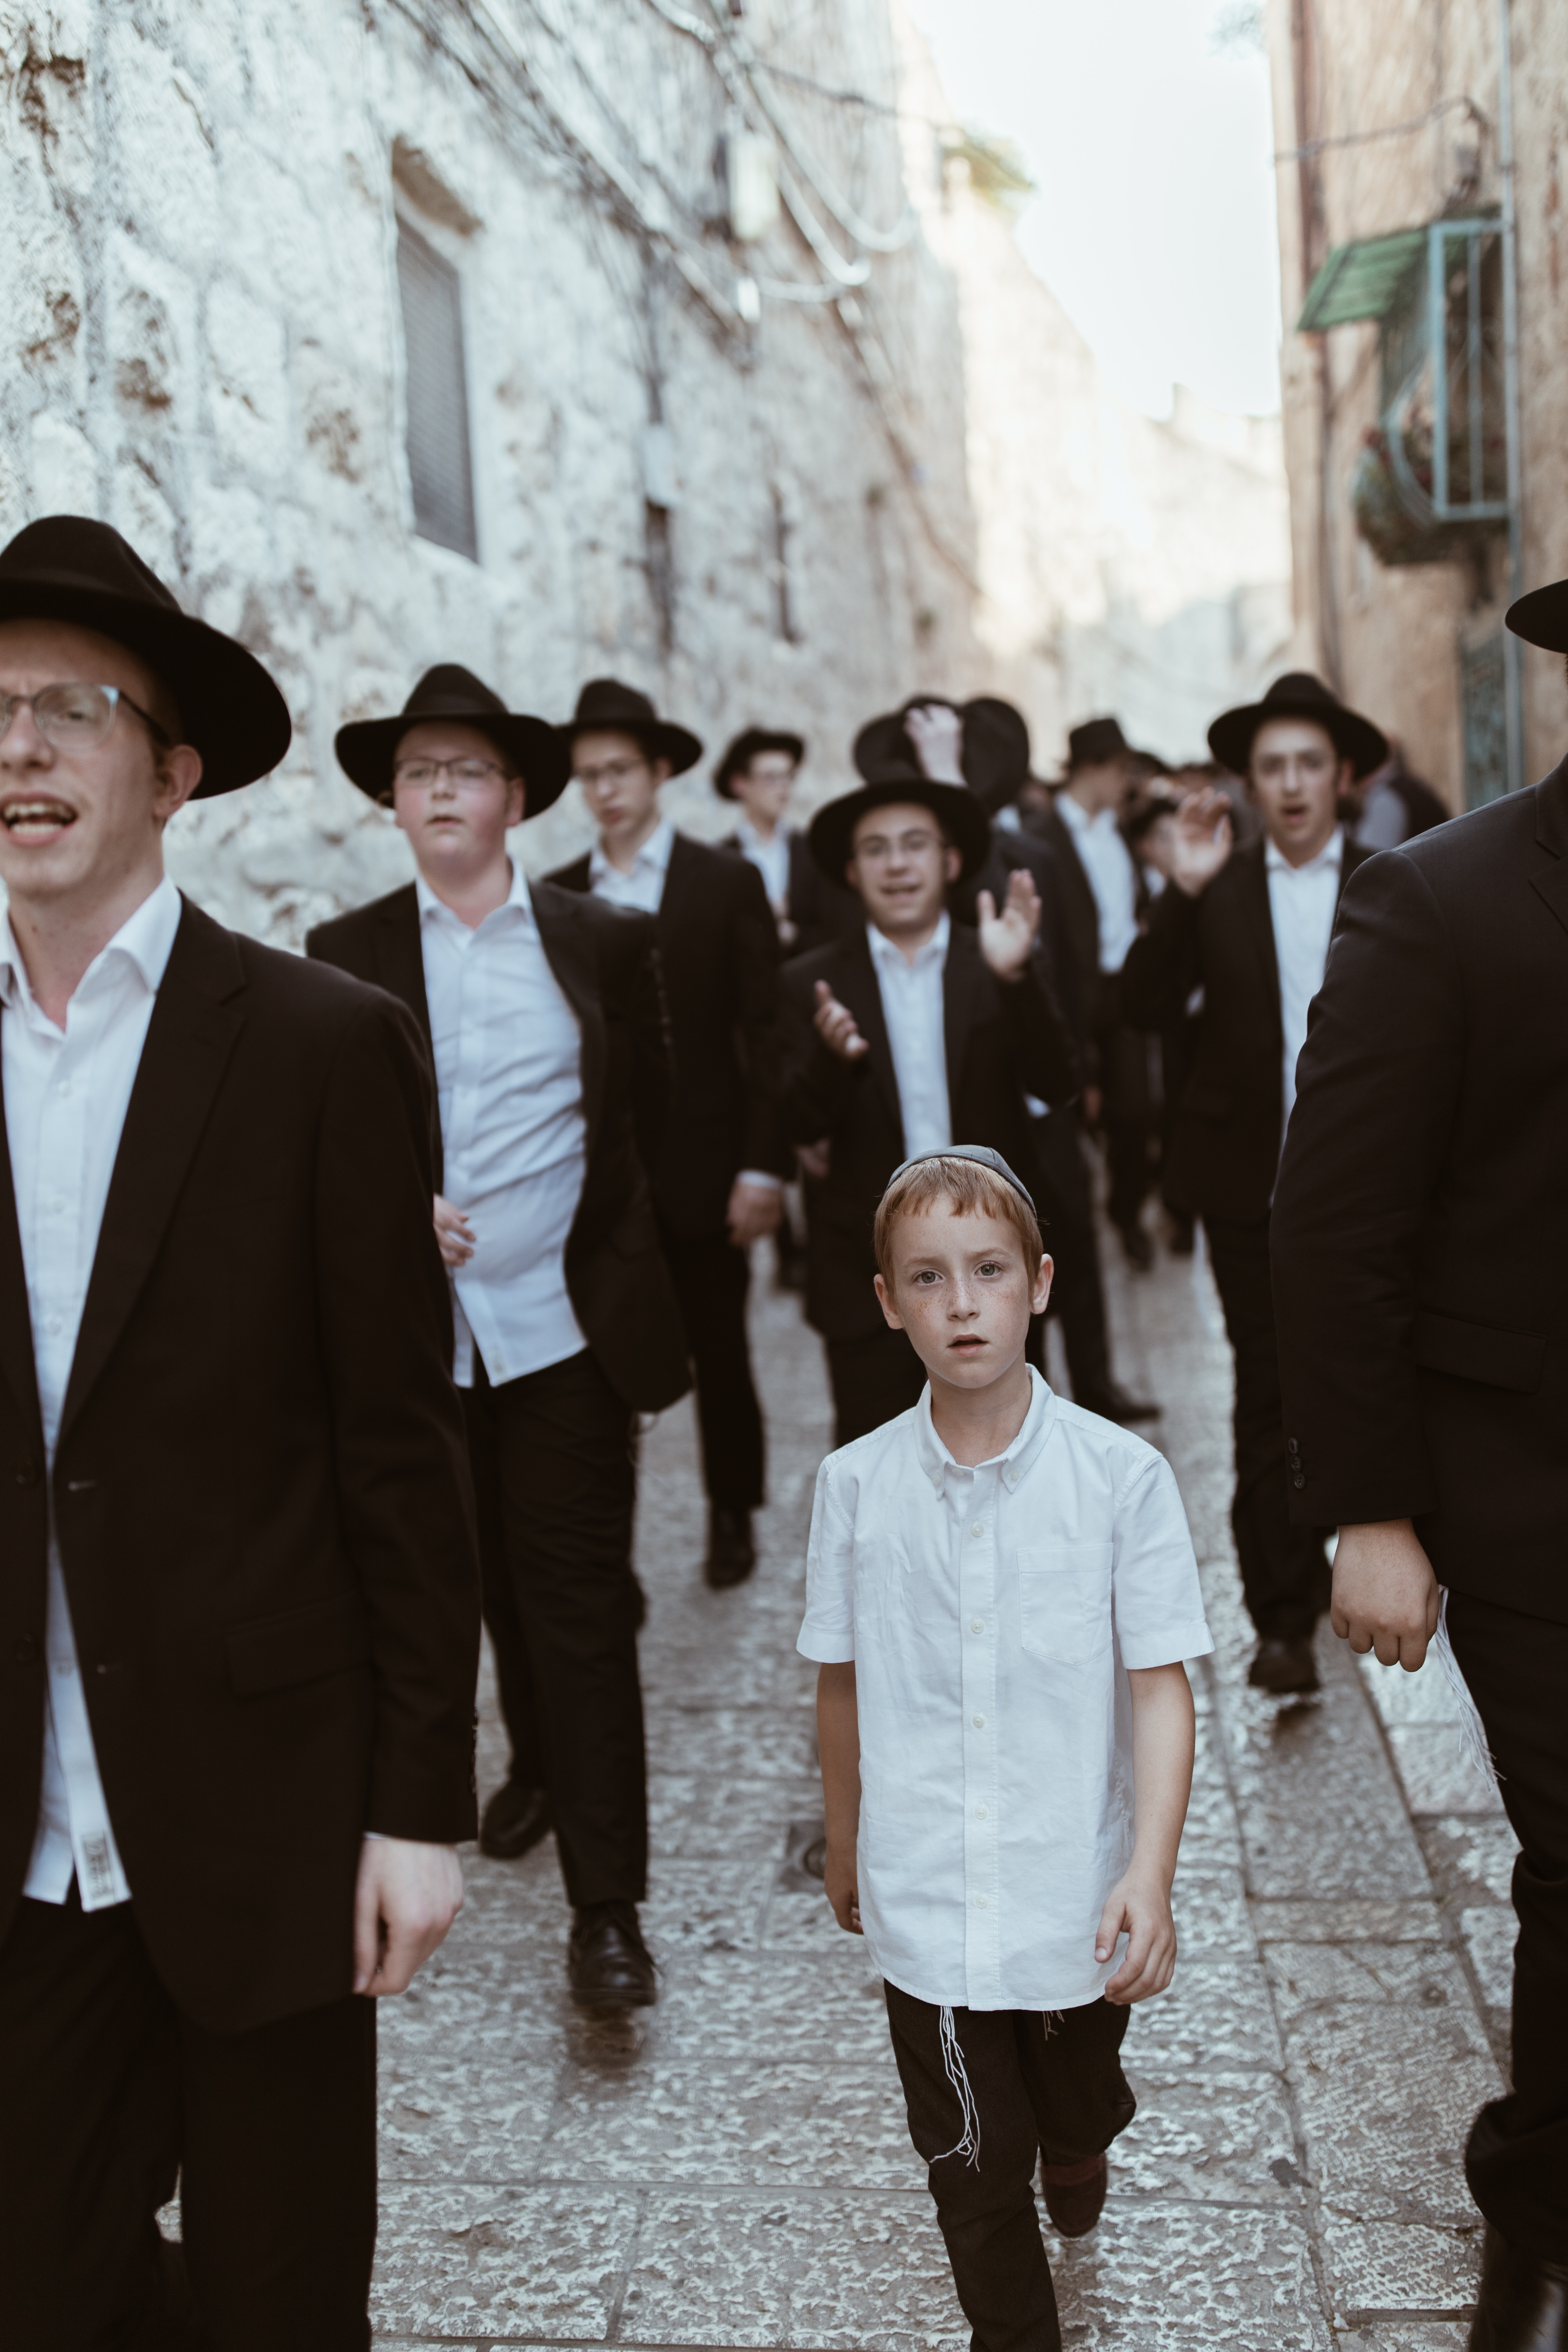 Estudio Bíblico: El Mundo Esta Divido en Judíos, Gentiles, e Iglesia